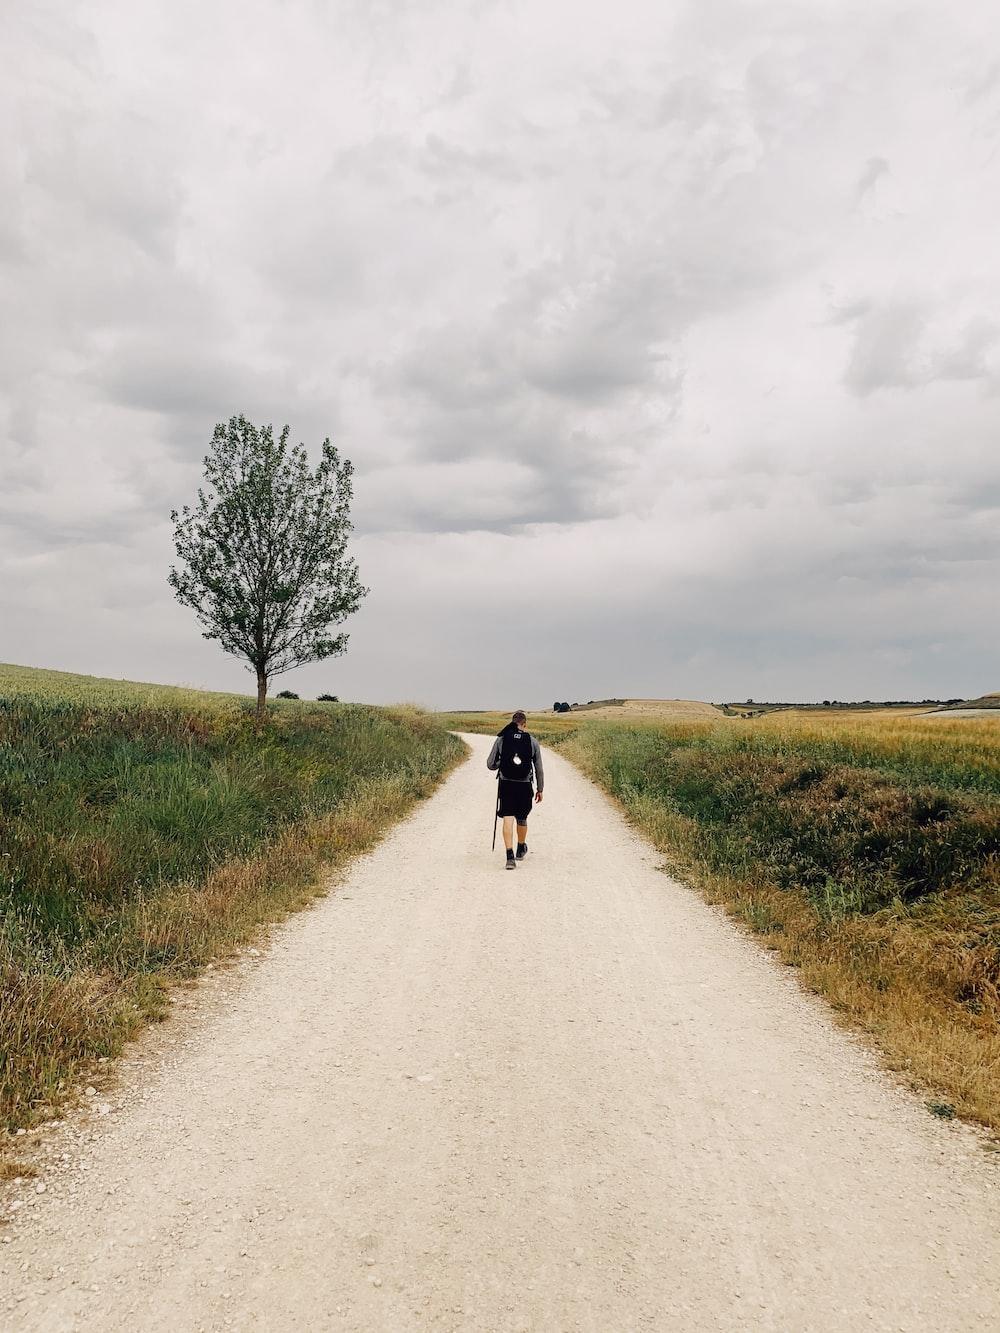 person walking on road near green open field under white skies